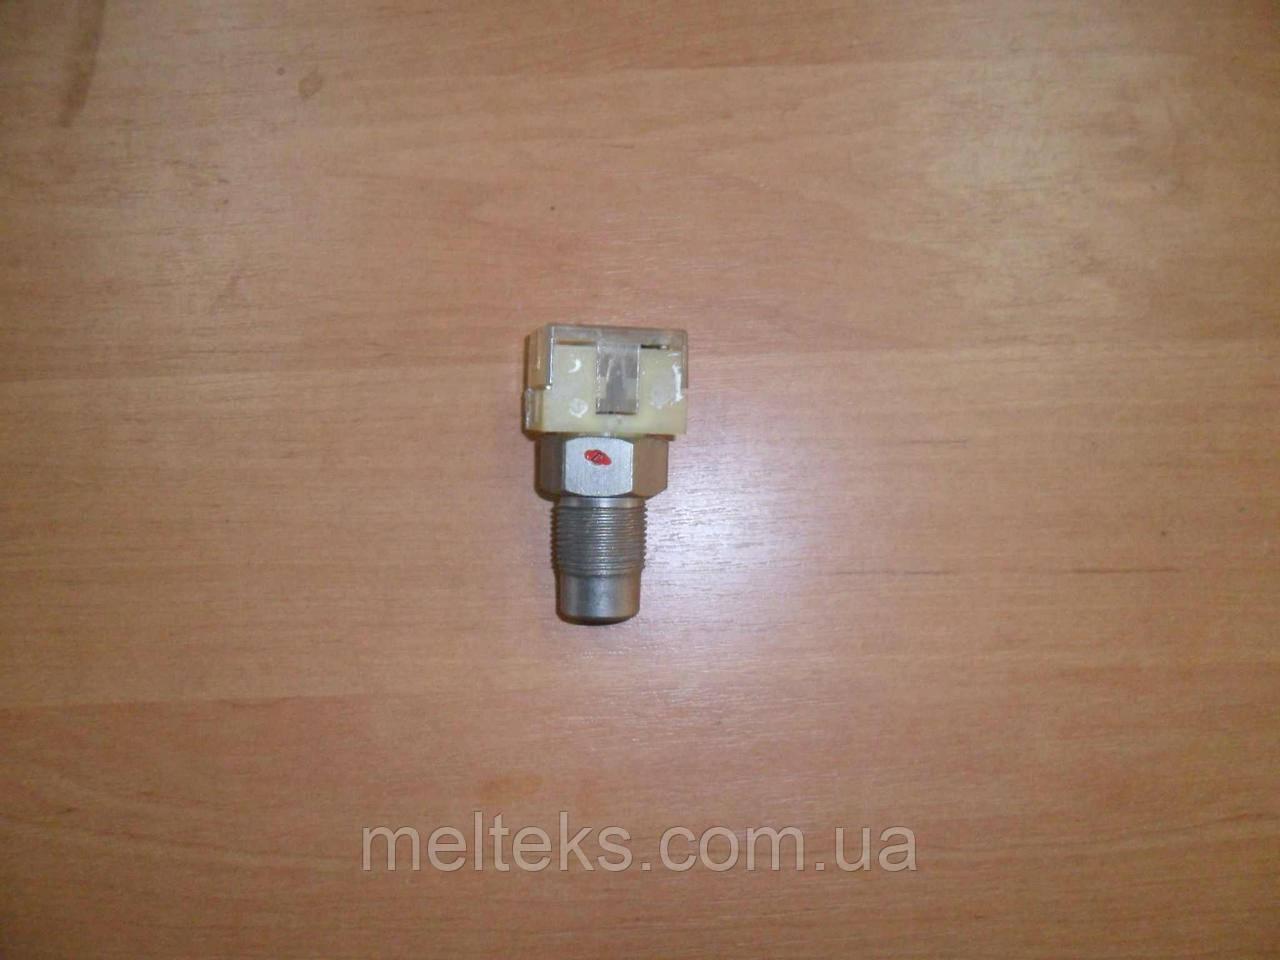 Терморегулятор ТРМ 11-01 115 градусов